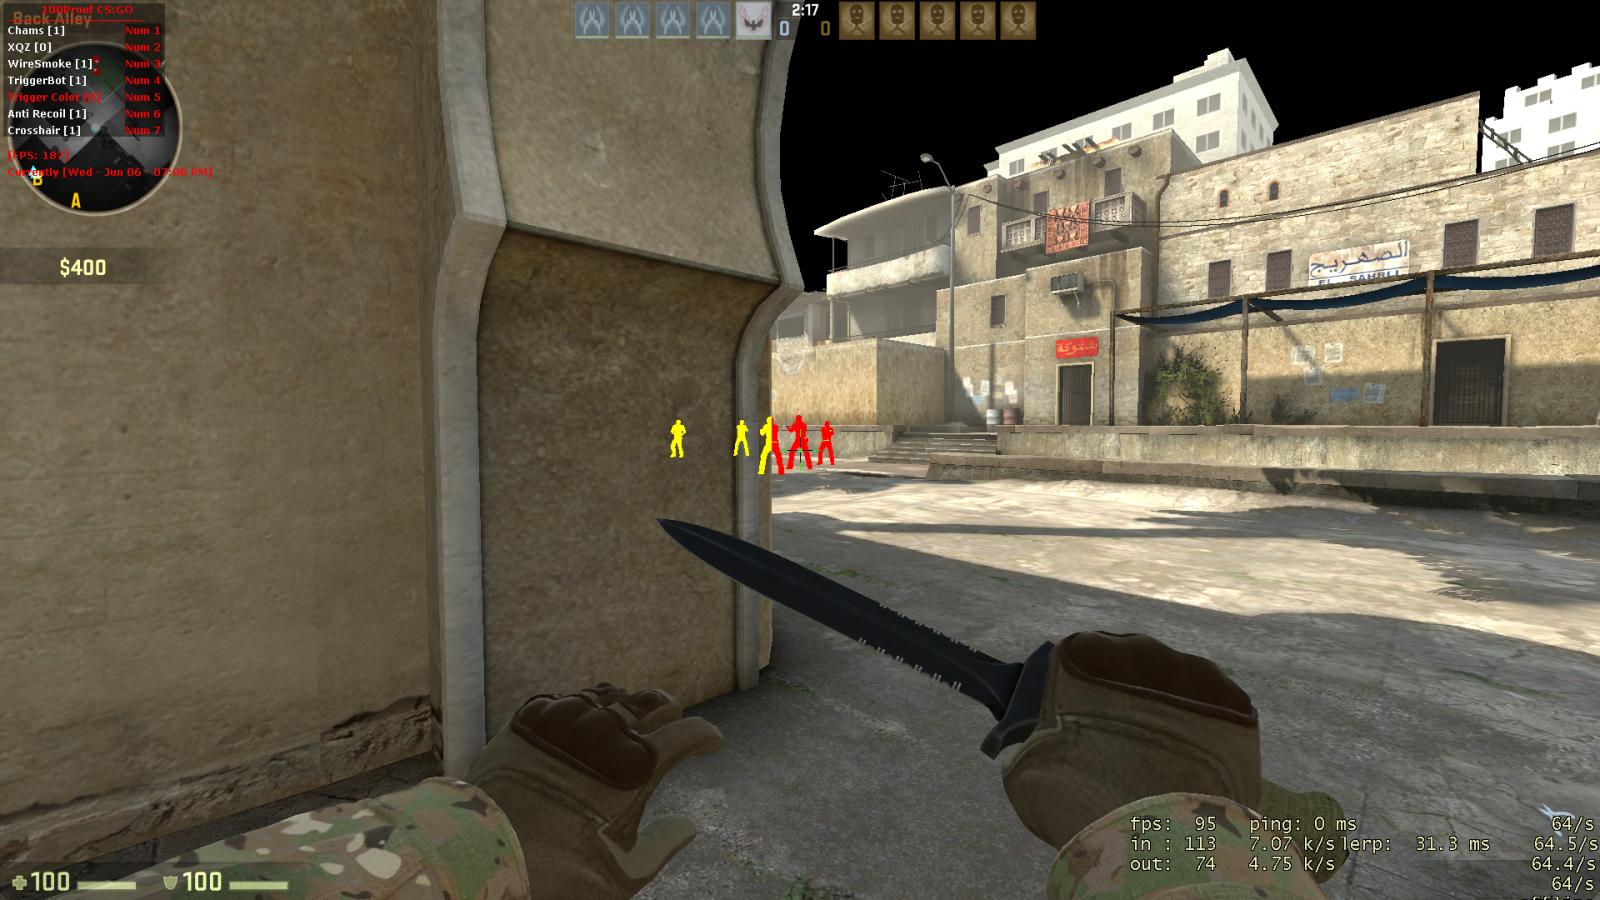 Читы для Counter-Strike: GO | Rango-hack - форум читеров Читы для